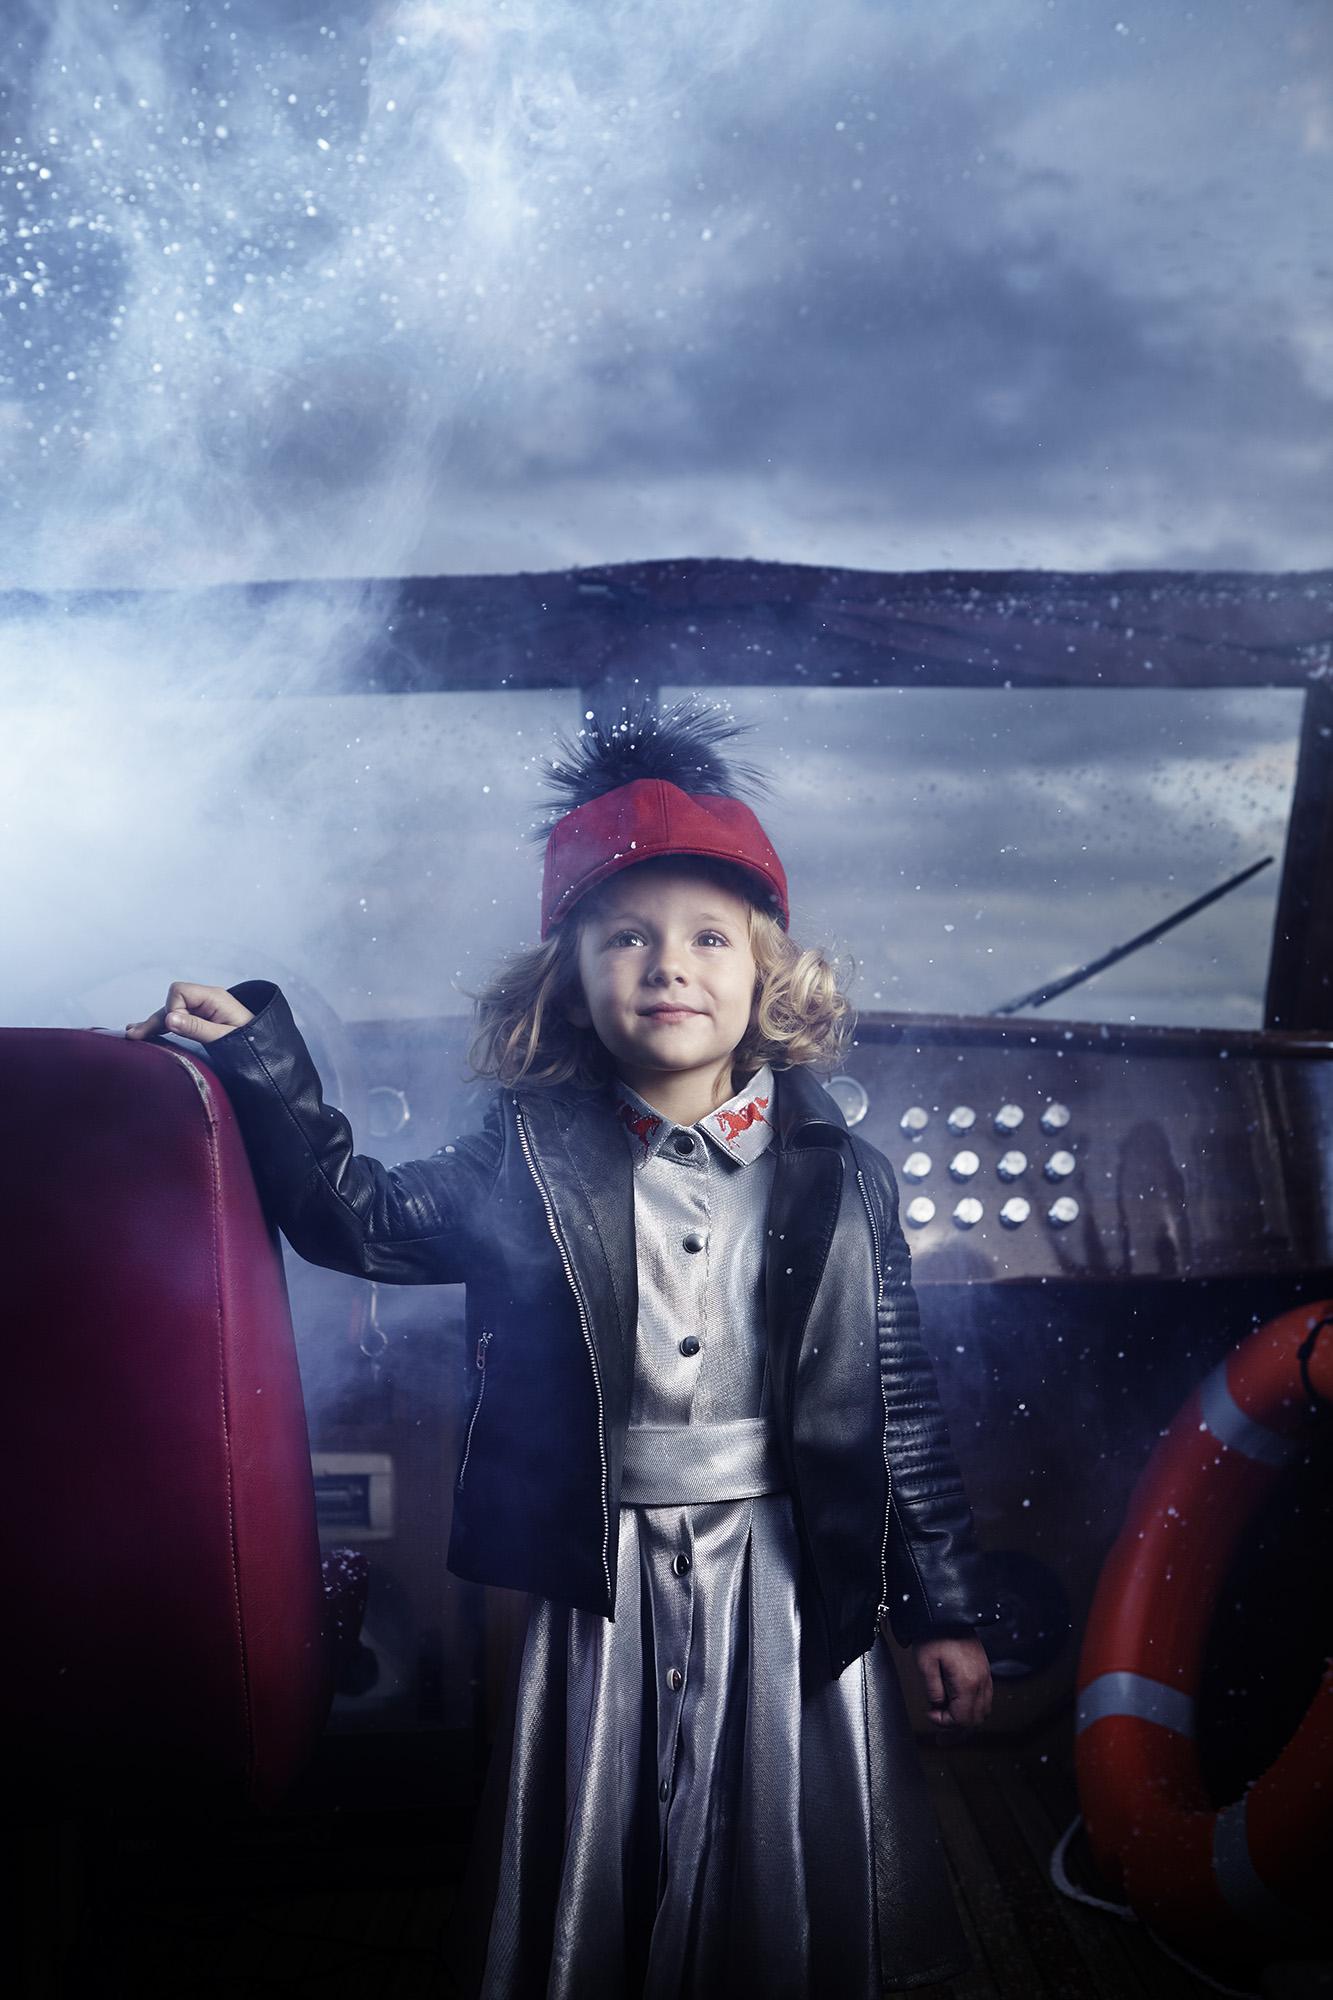 Ilve Little little girl on board boat